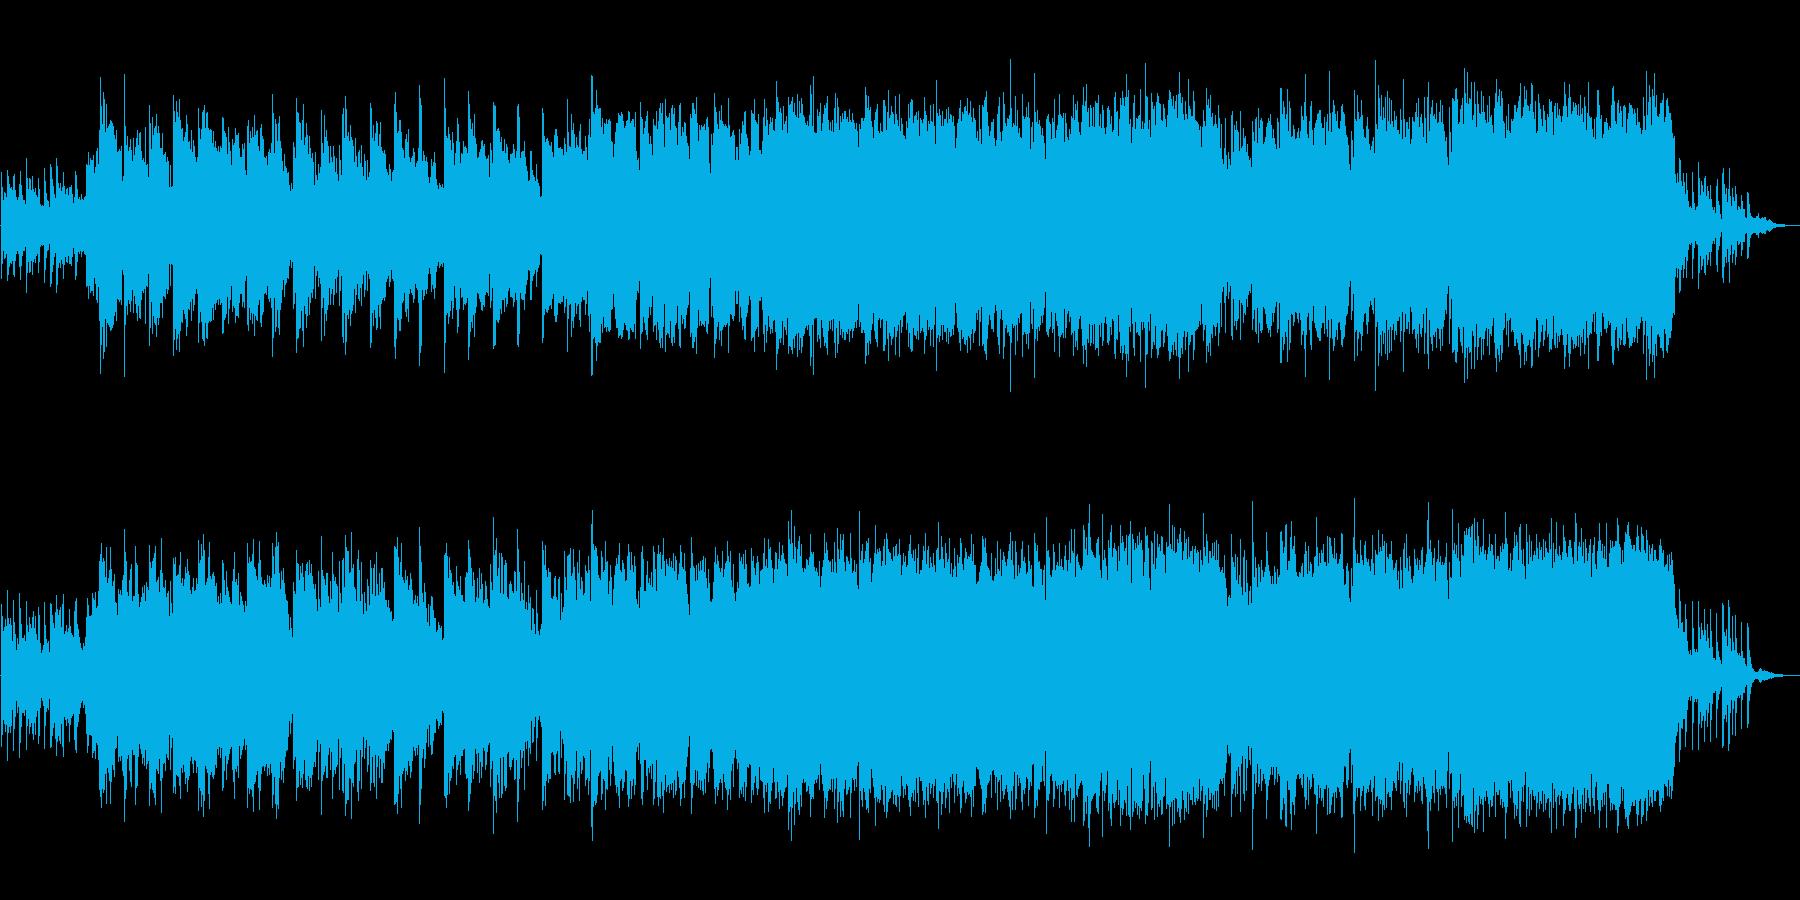 和風 しっとりやさしいバラード篠笛生演奏の再生済みの波形